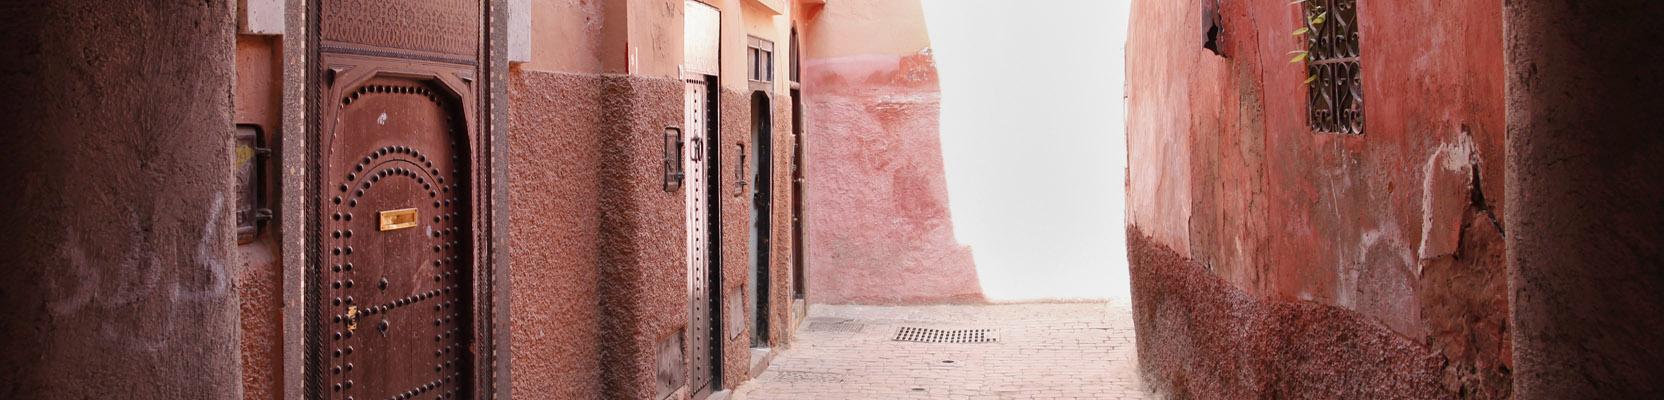 Rote Häuser Altstadt Marrakesch Marokko